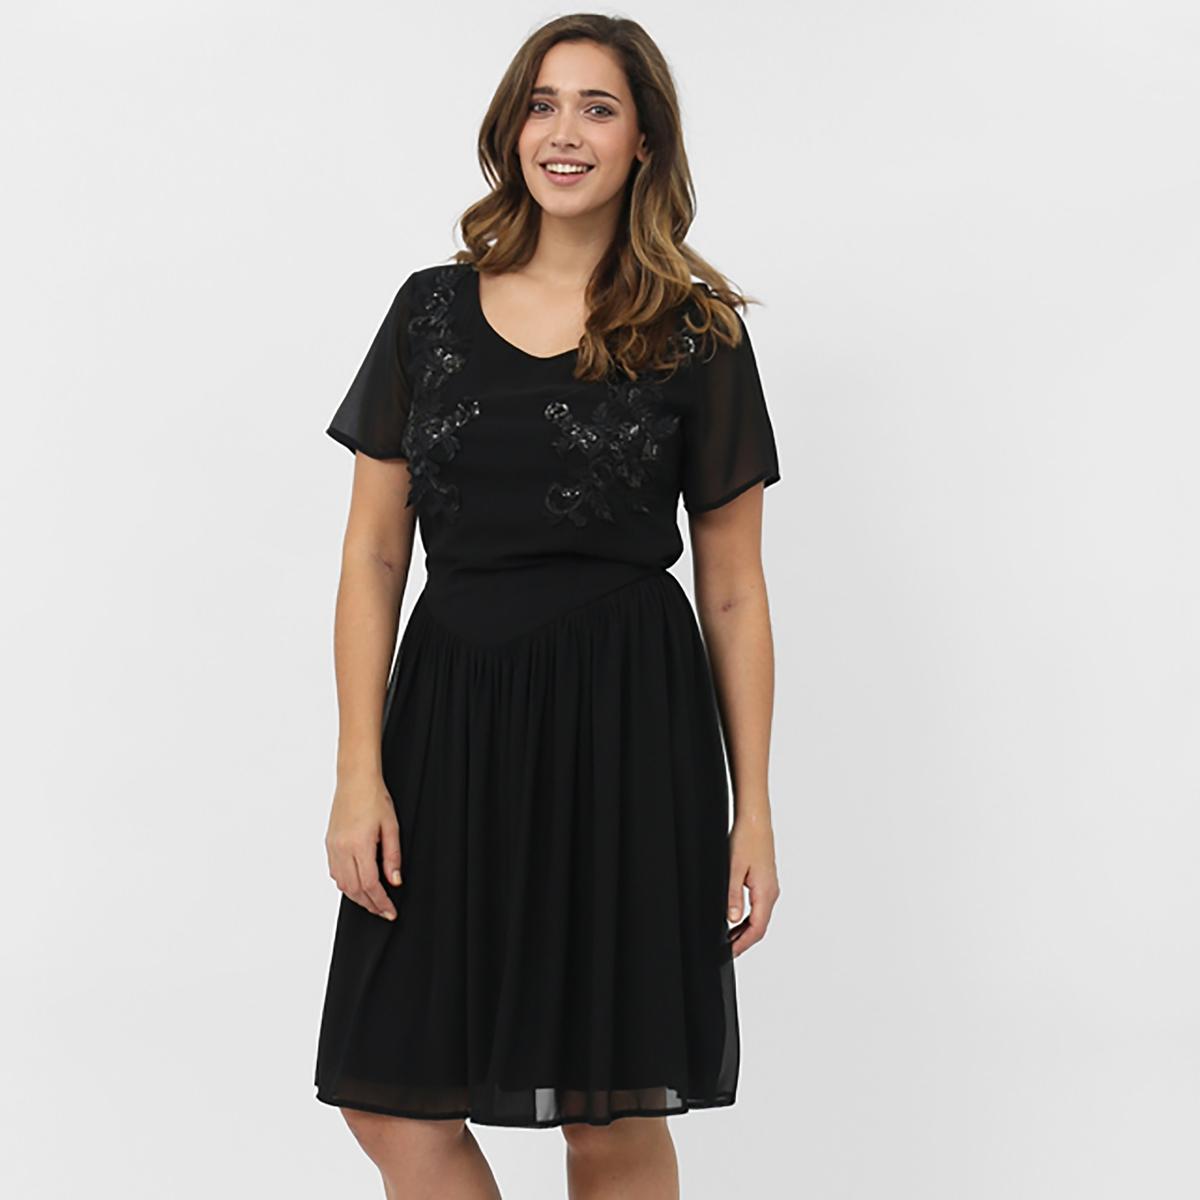 Платье с короткими рукавамиПлатье с короткими рукавами KOKO BY KOKO. V-образный вырез . Вышивка спереди. Длина около 101 см. 100% полиэстера<br><br>Цвет: черный